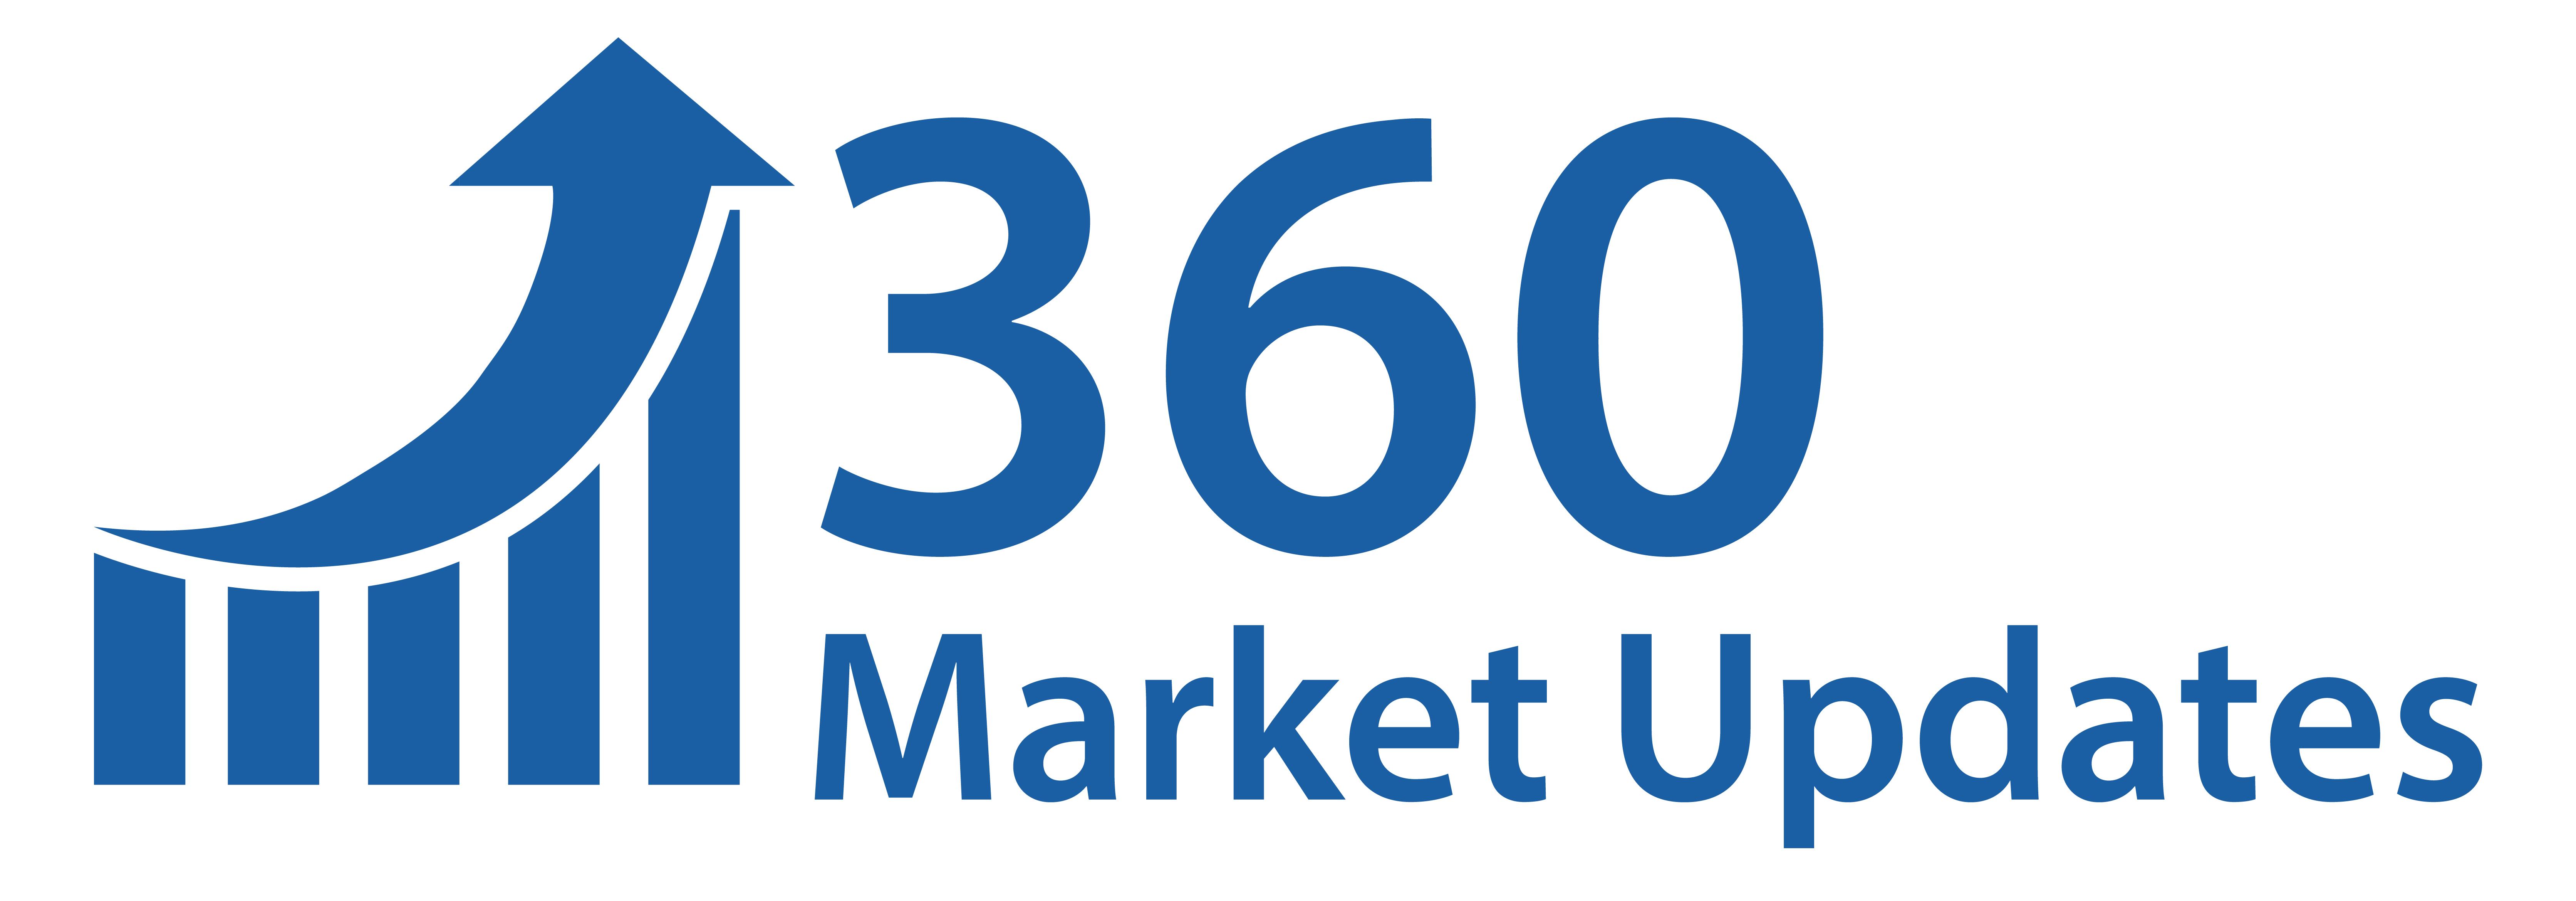 Automotive Catalytic Converter Equipment Market 2020 Aktie, Scope, Stake, Trends, Branchengröße, Umsatz & Umsatz, Wachstum, Chancen und Nachfrage mit Competitive Landscape and Analysis Research Report   360 Markt-Updates